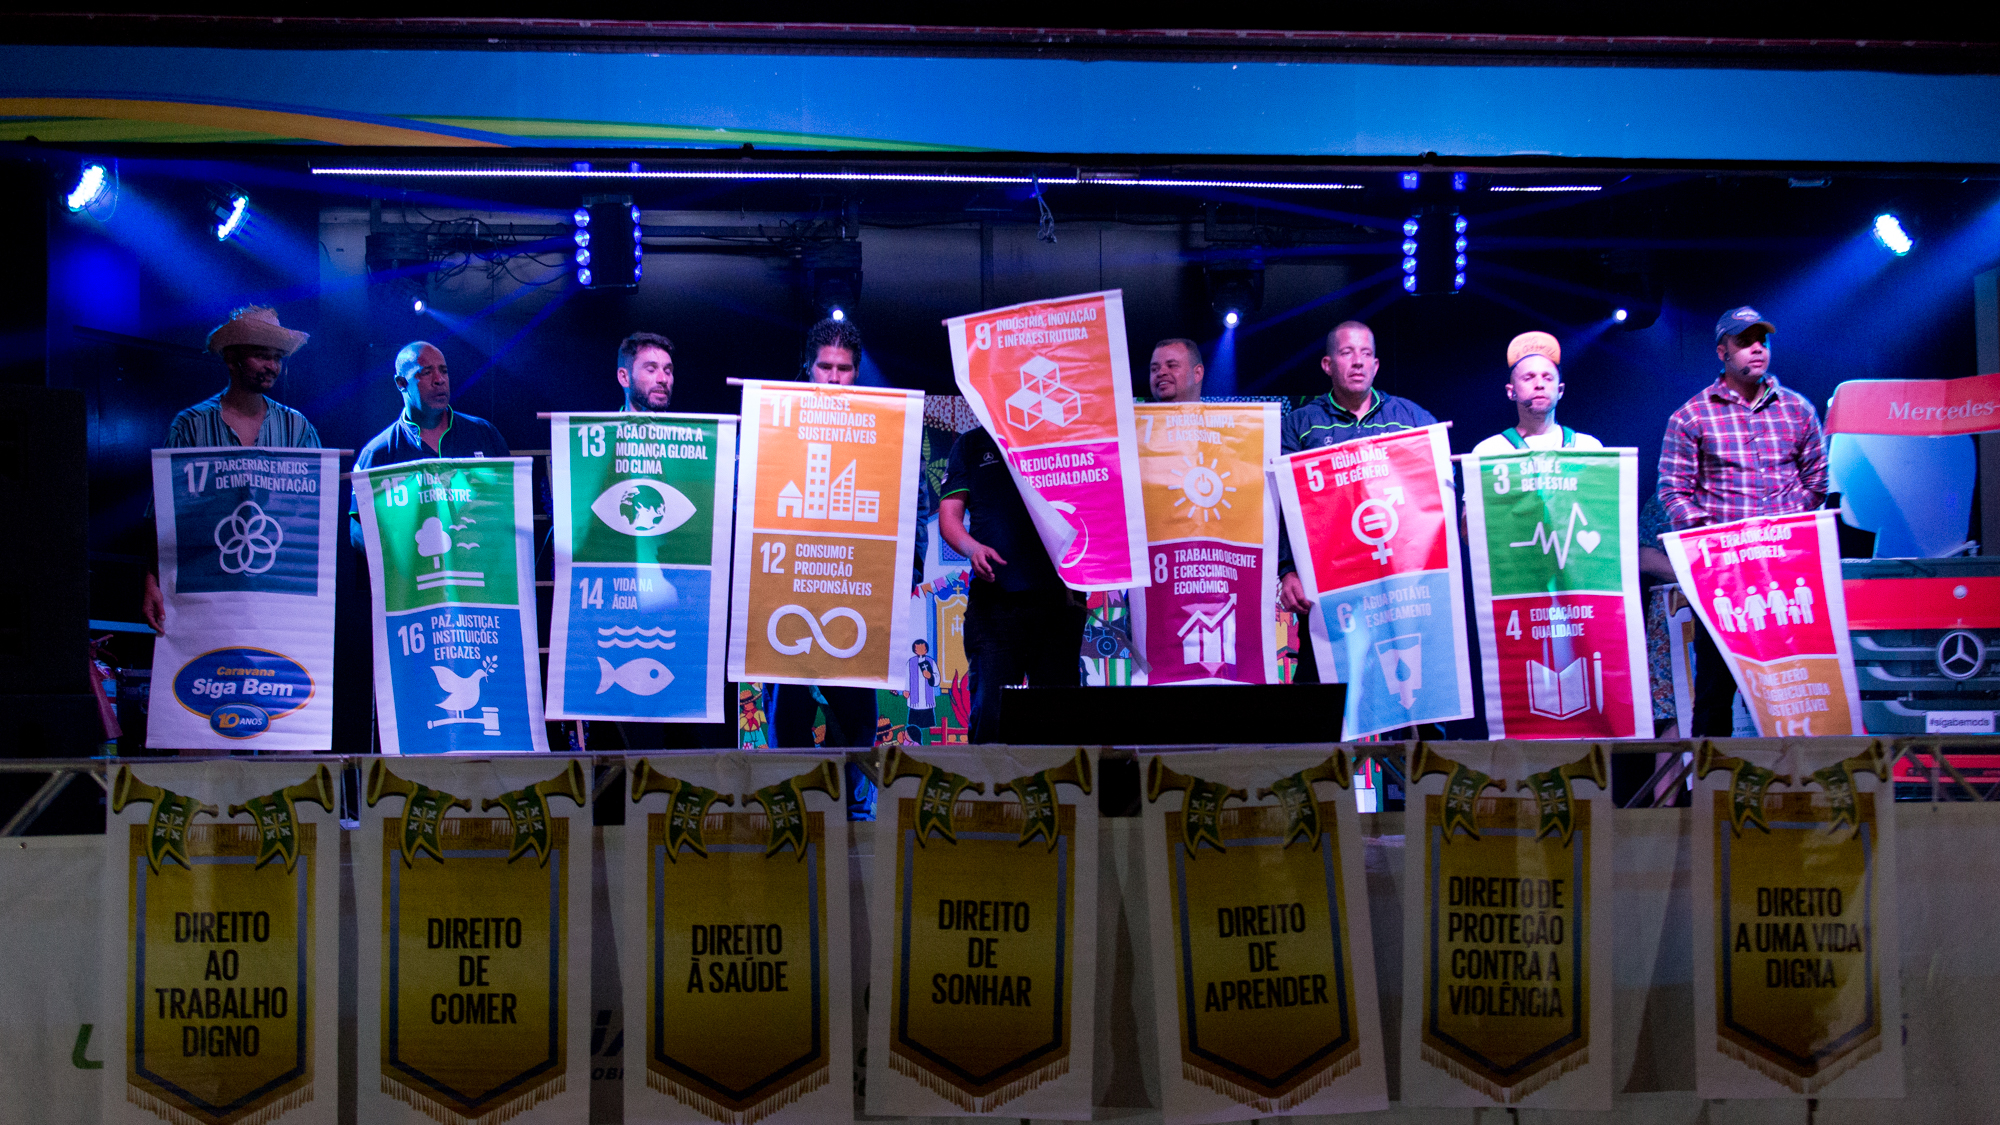 A Caravana Siga Bem se uniu à ONU para promover os Objetivos de Desenvolvimento Sustentável